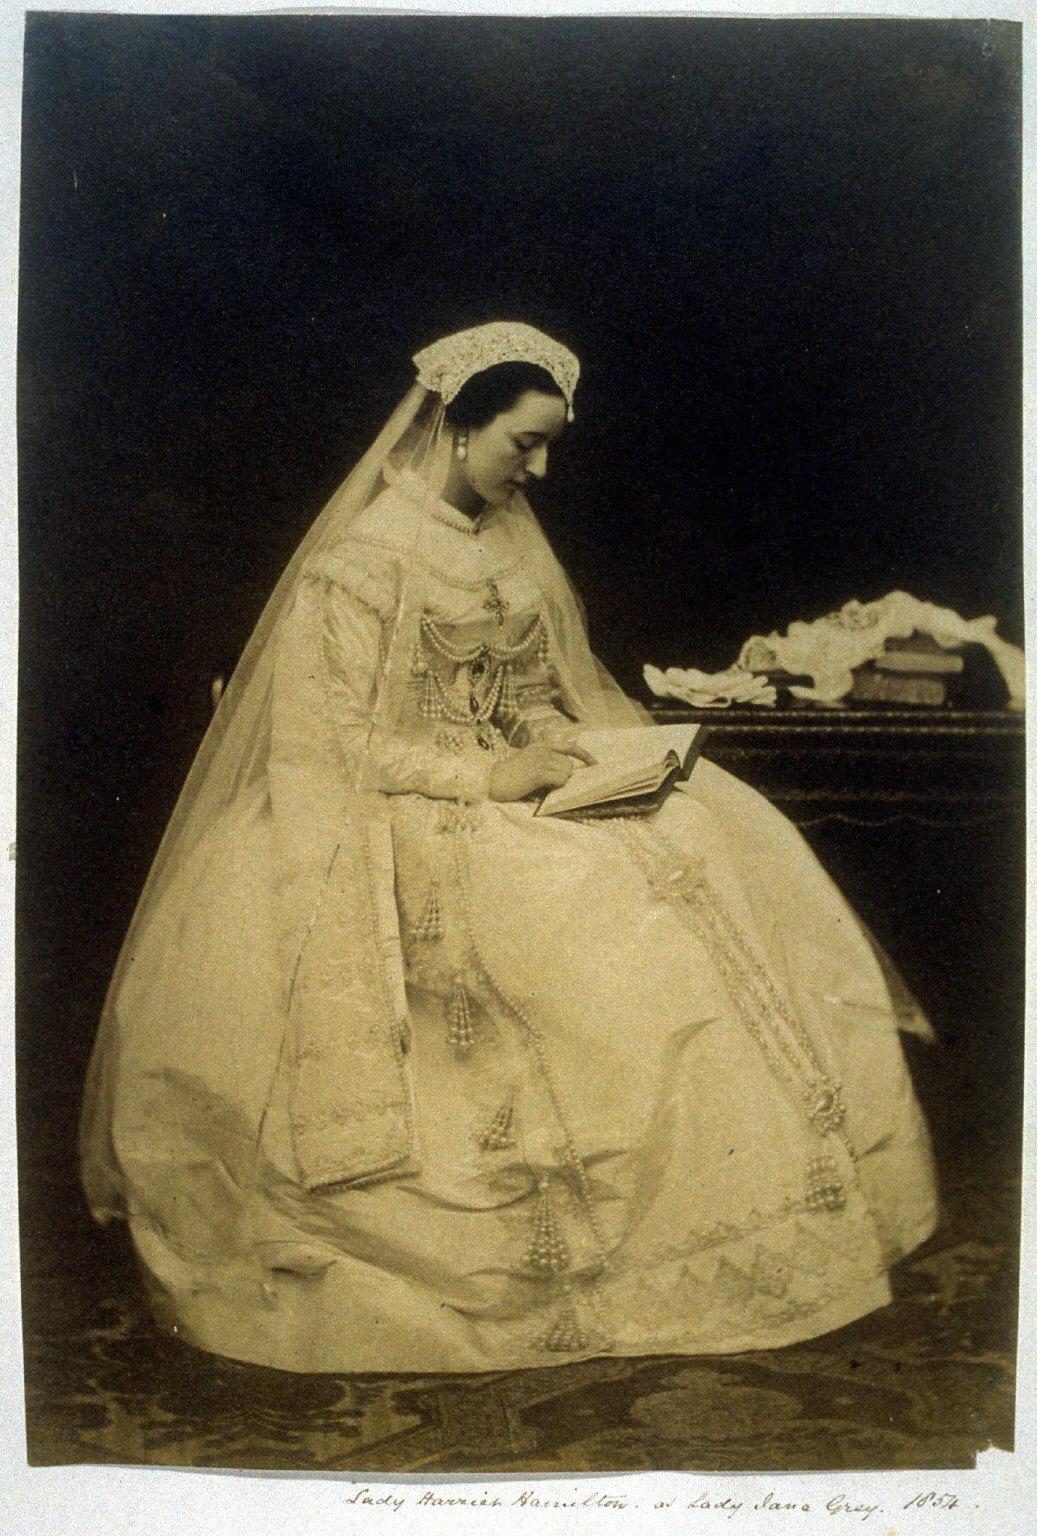 Lady Harriet Hamilton as Lady Jane Grey